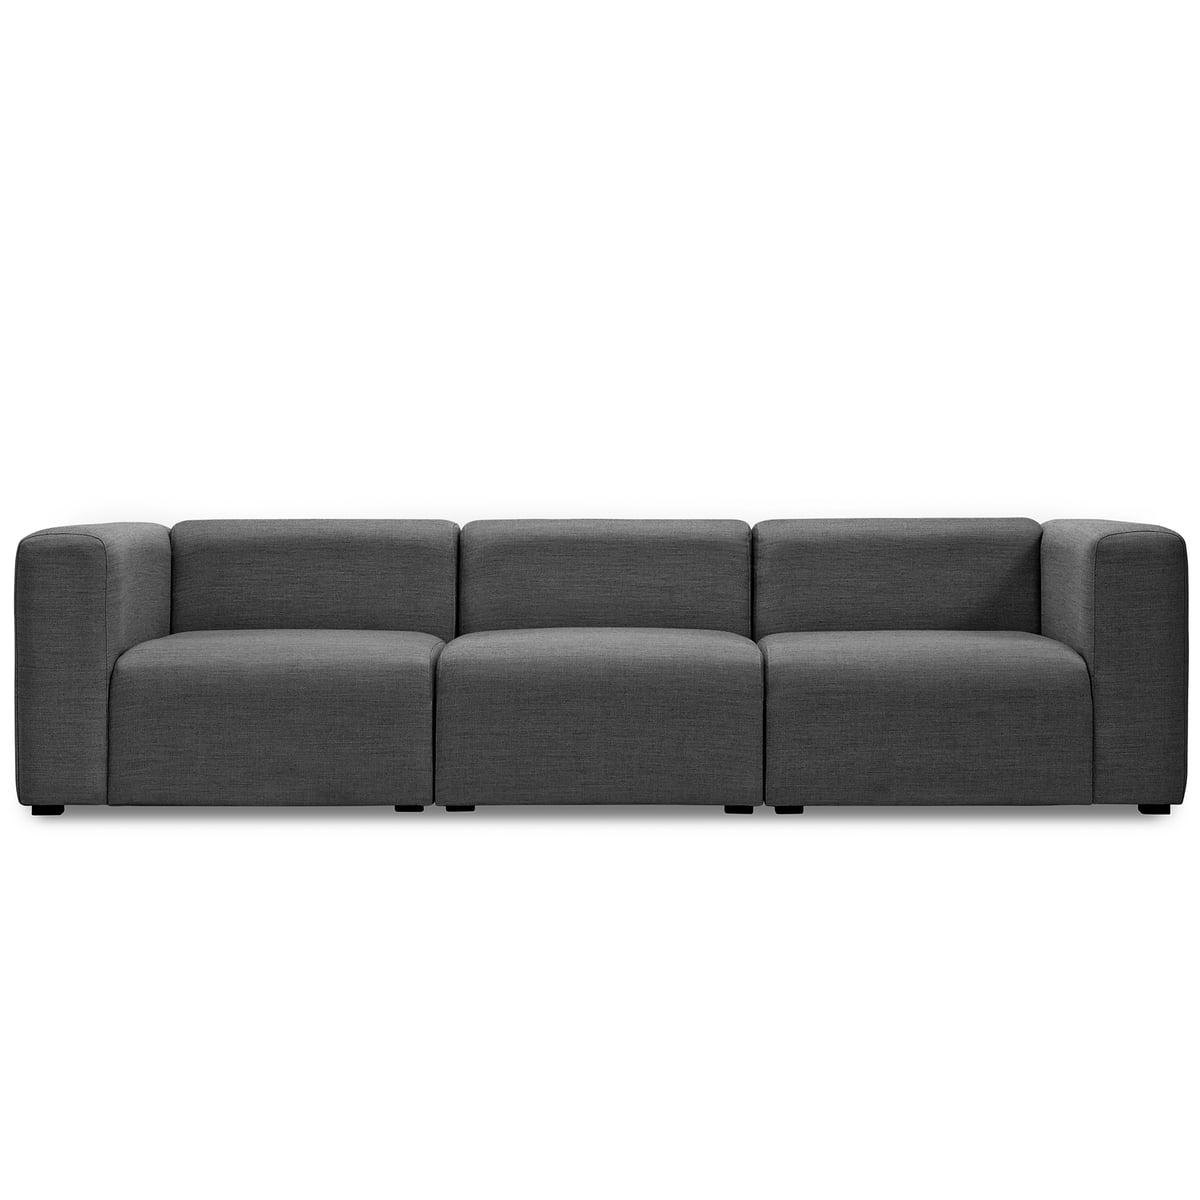 Bezaubernd Couch Dunkelgrau Referenz Von Hay - Mags Sofa 3-sitzer, Kombination 1,